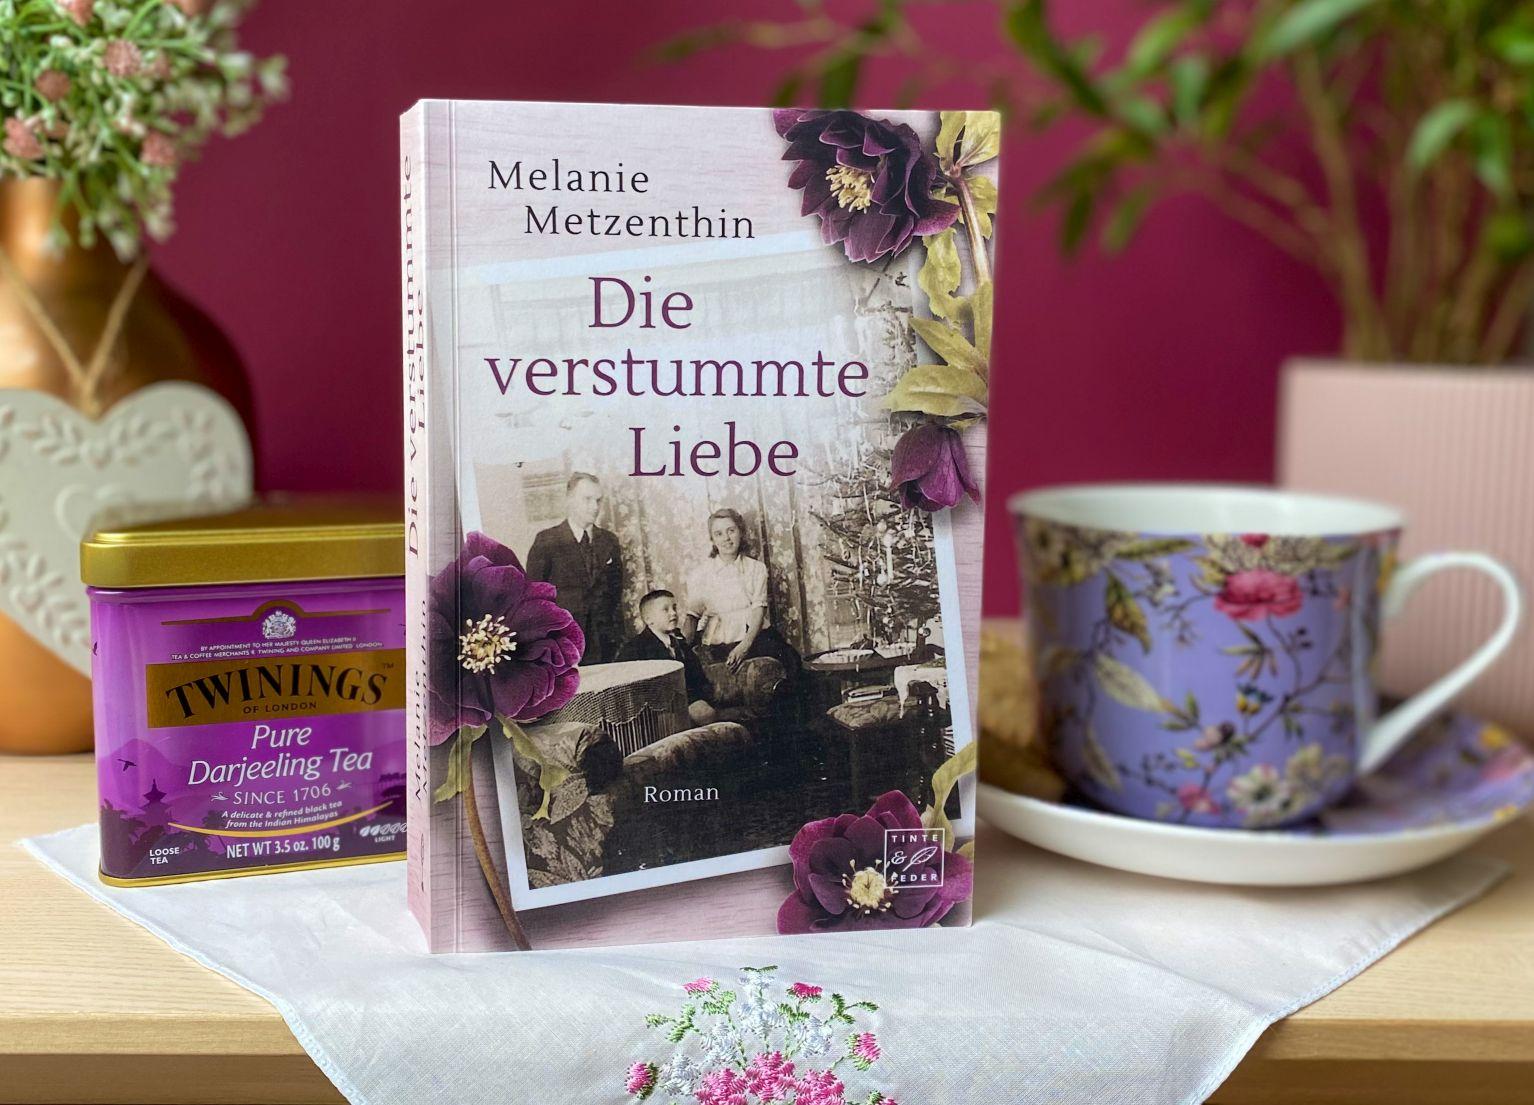 Die verstummte Liebe Melanie Metzenthin Tinte und Feder Die Stimmlosen Im Lautlosen